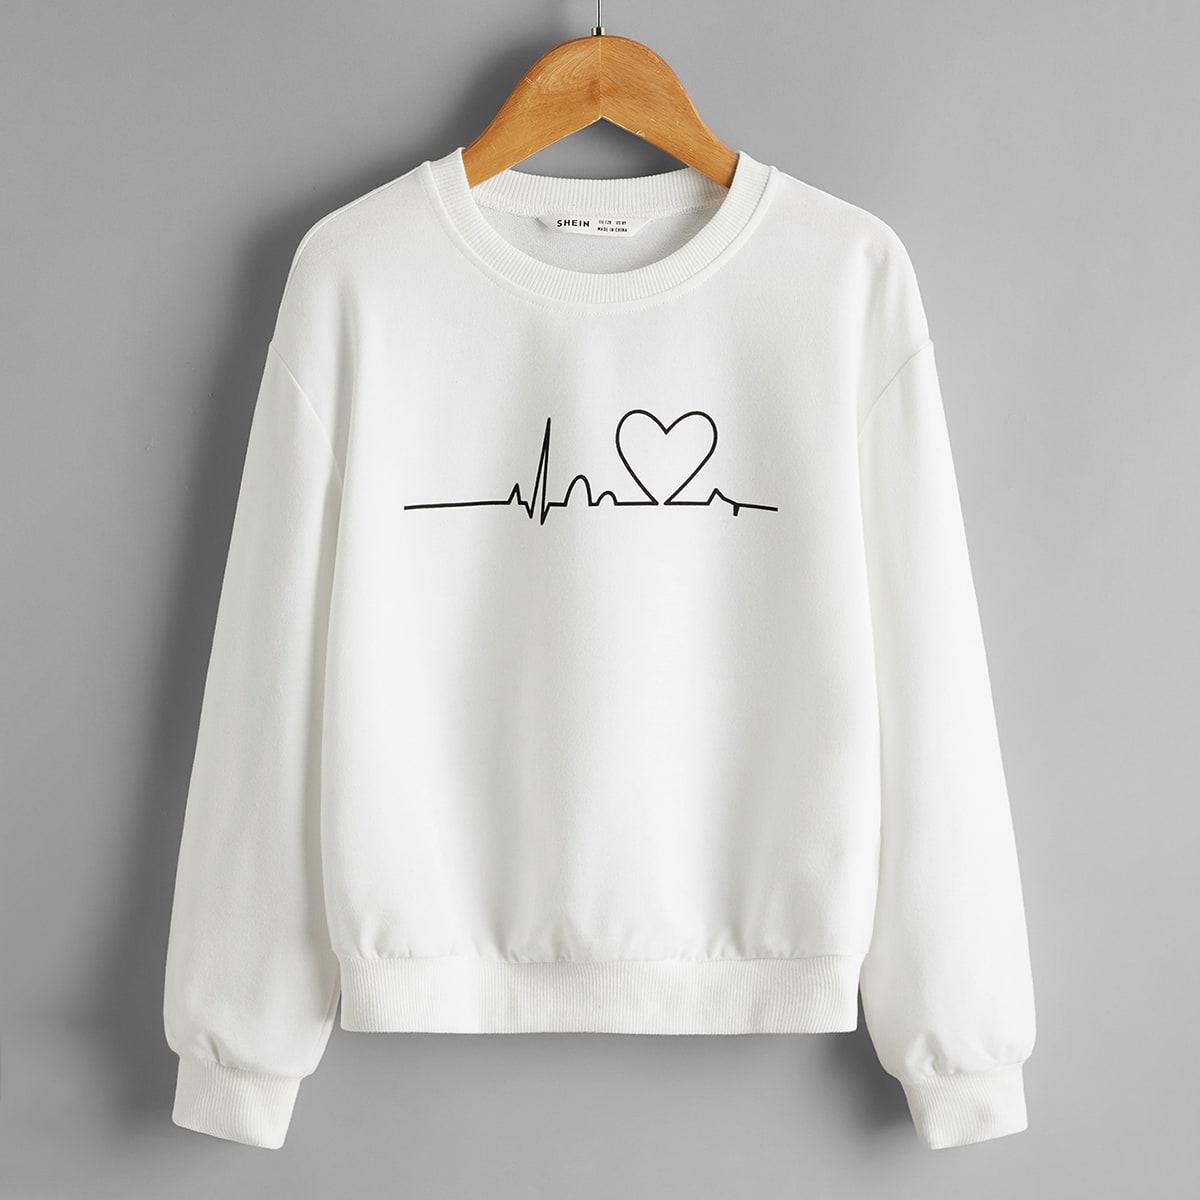 Пуловер с принтом сердечка для девочек от SHEIN